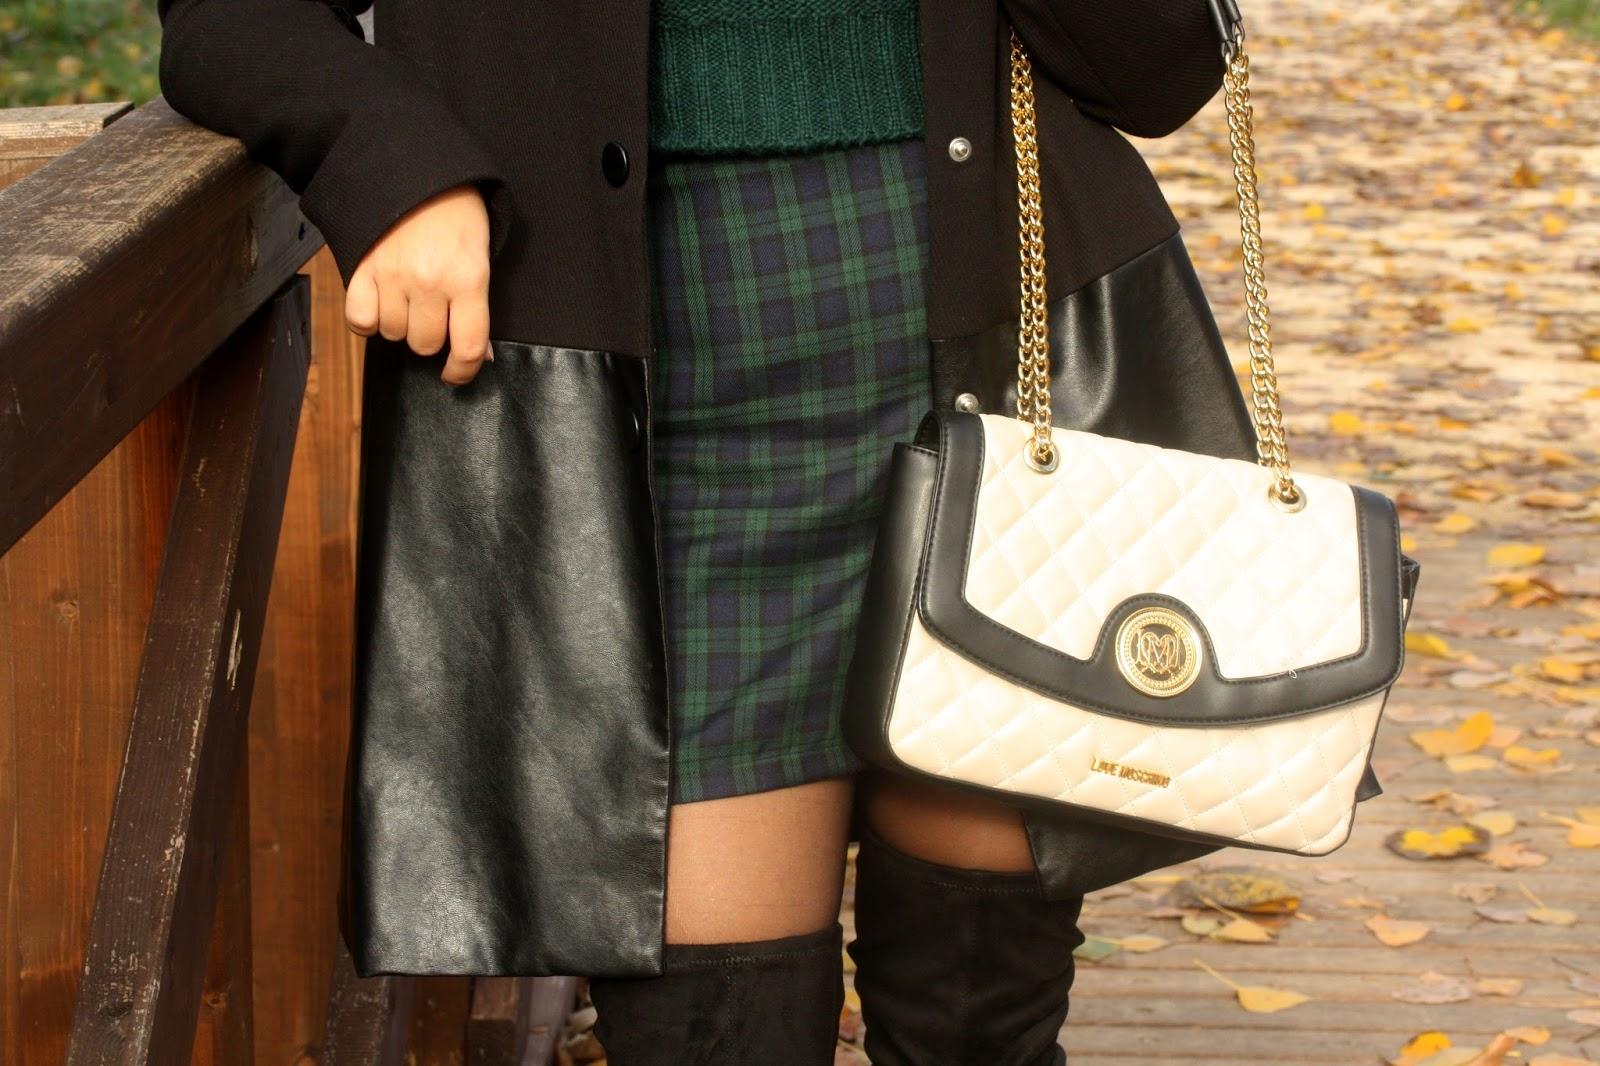 Piccoli Stivali E Sopra Lei outfit in verde dal motivo scozzese e.. stivali sopra il